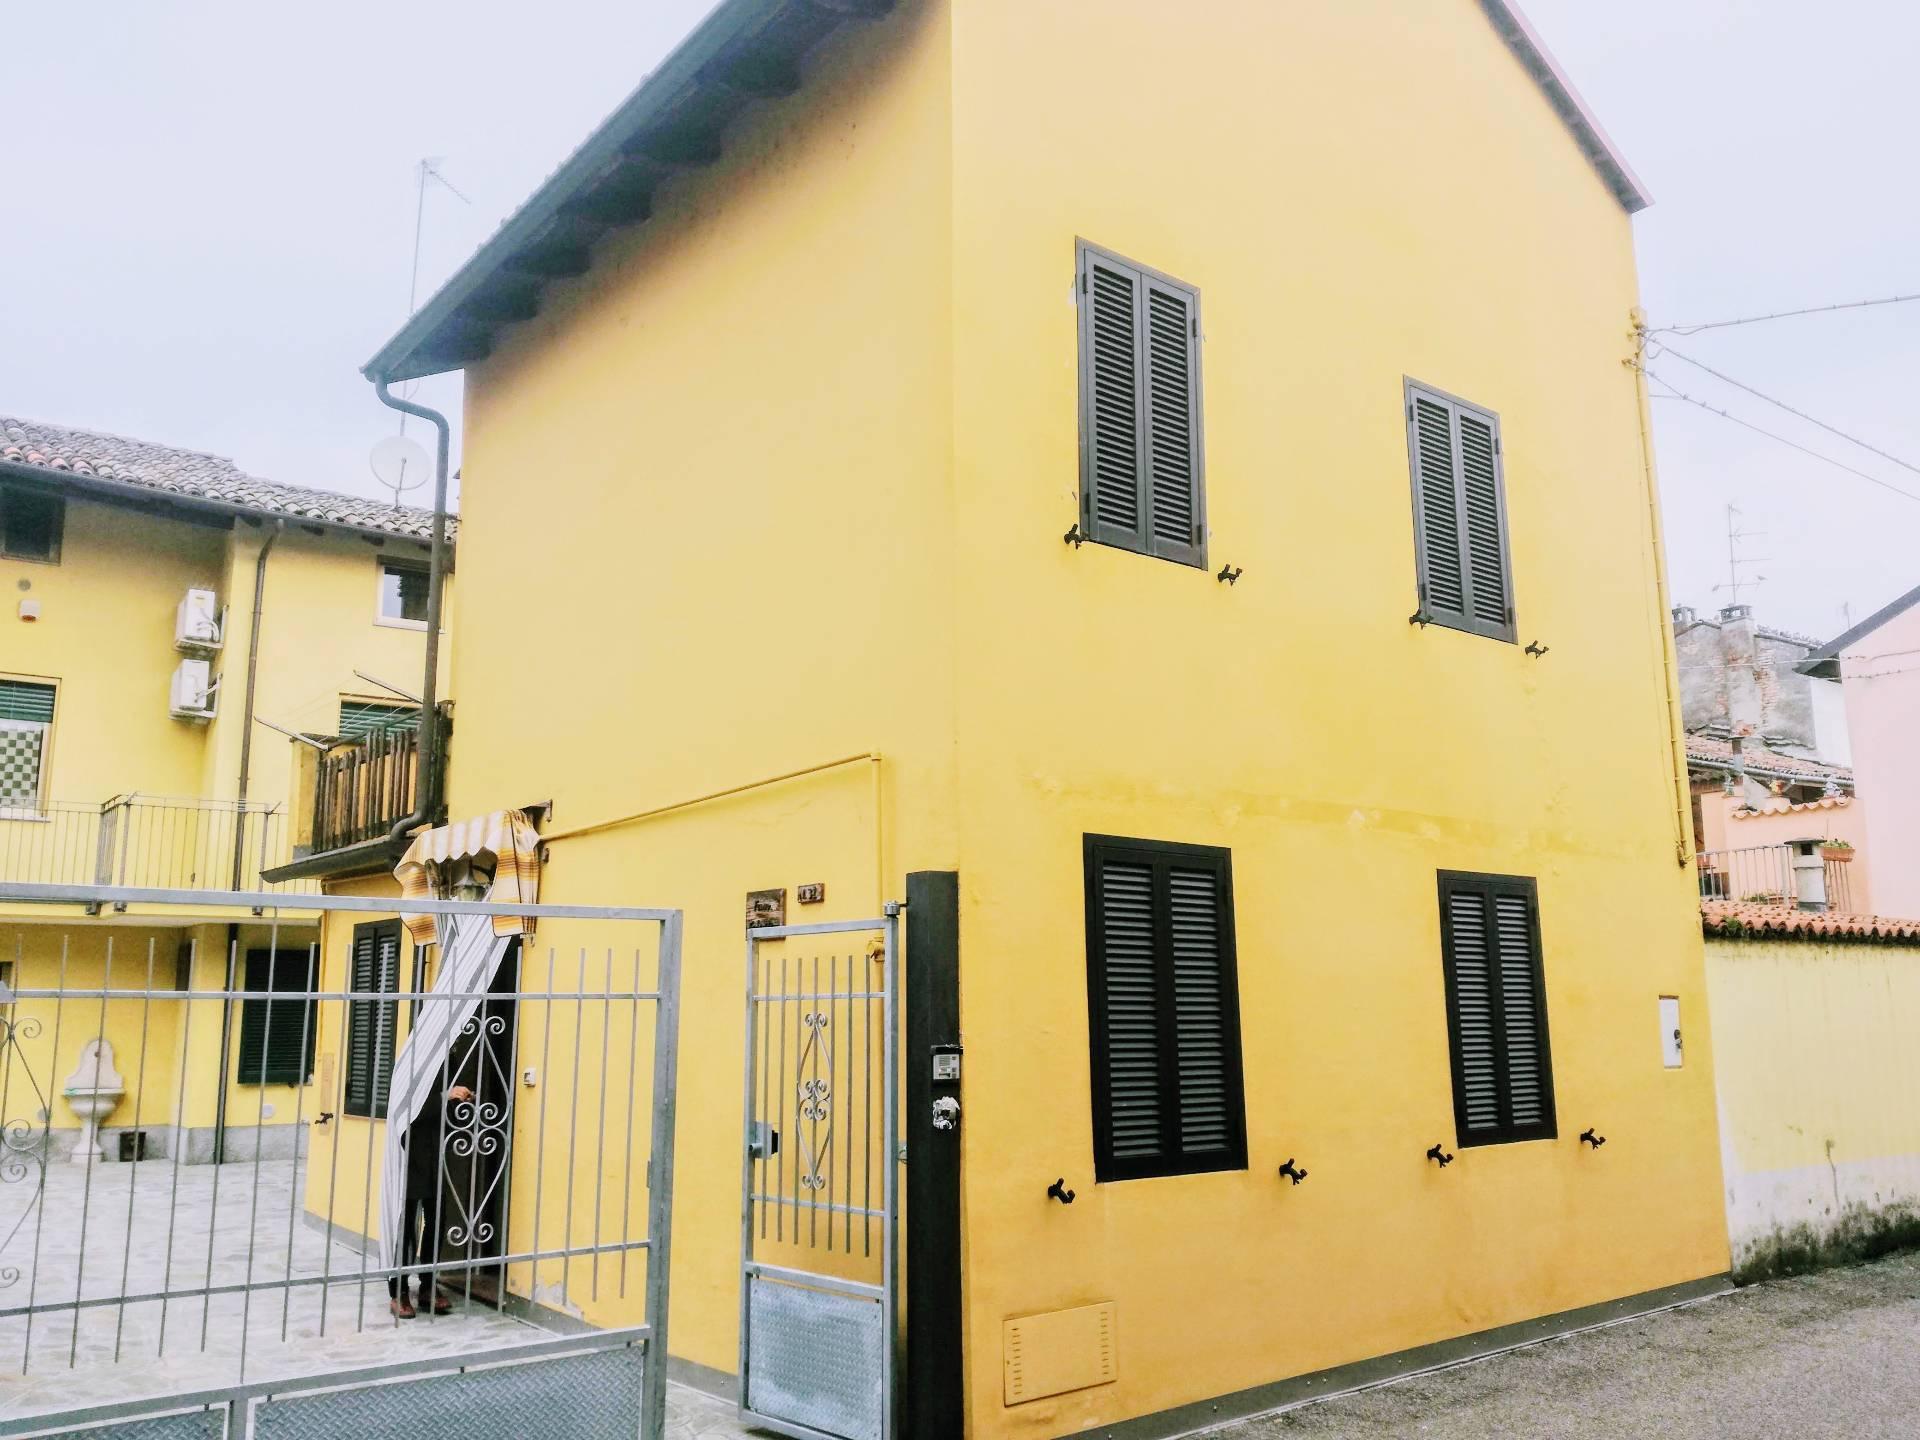 Soluzione Semindipendente in vendita a Morano sul Po, 4 locali, prezzo € 45.000 | CambioCasa.it